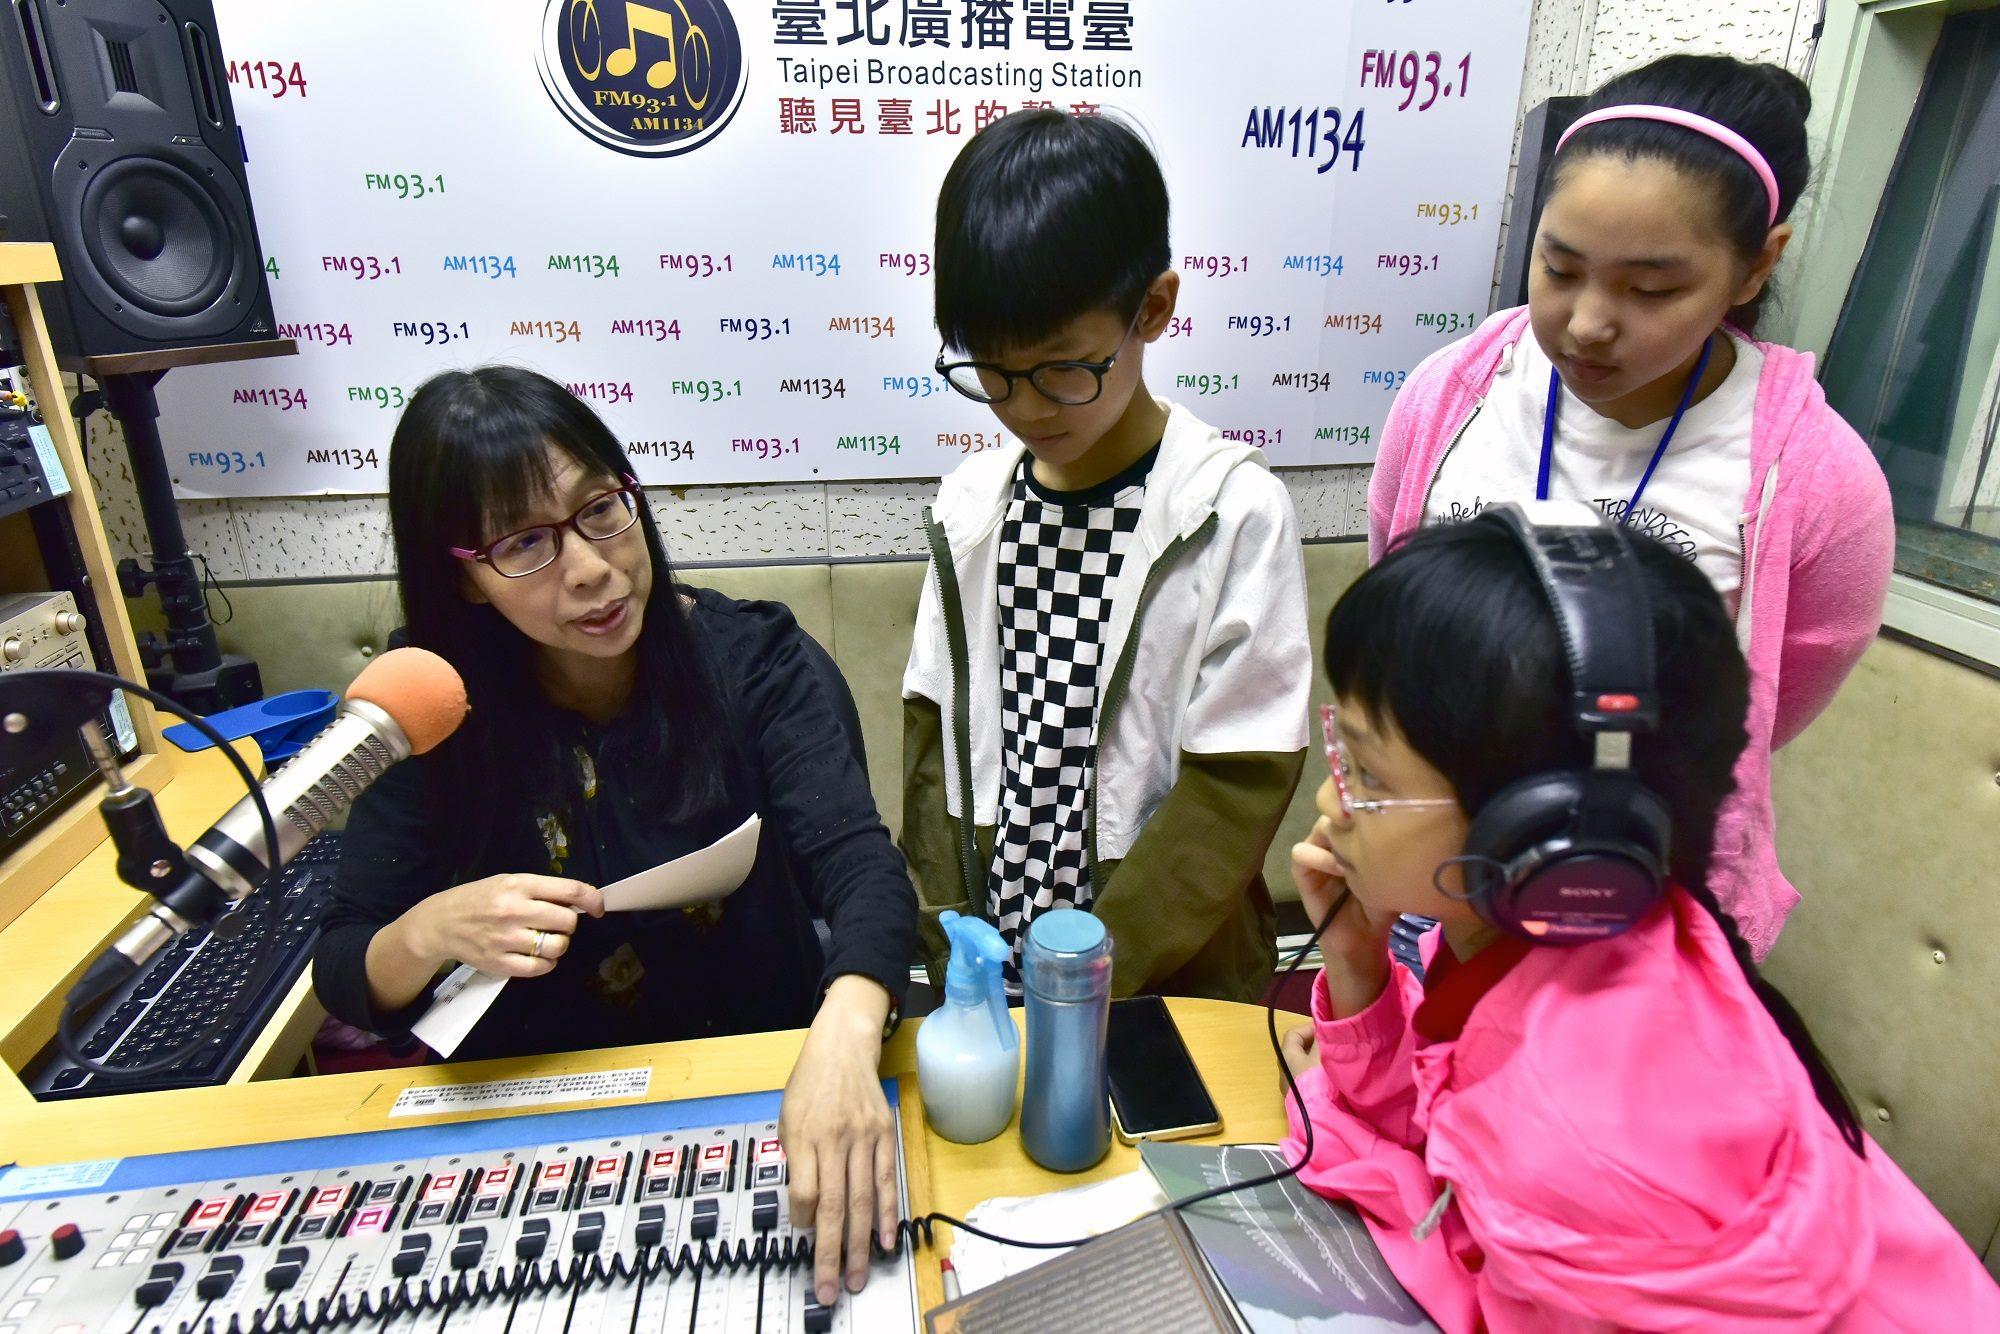 臺北電臺廣播營小朋友進錄音室錄音情形